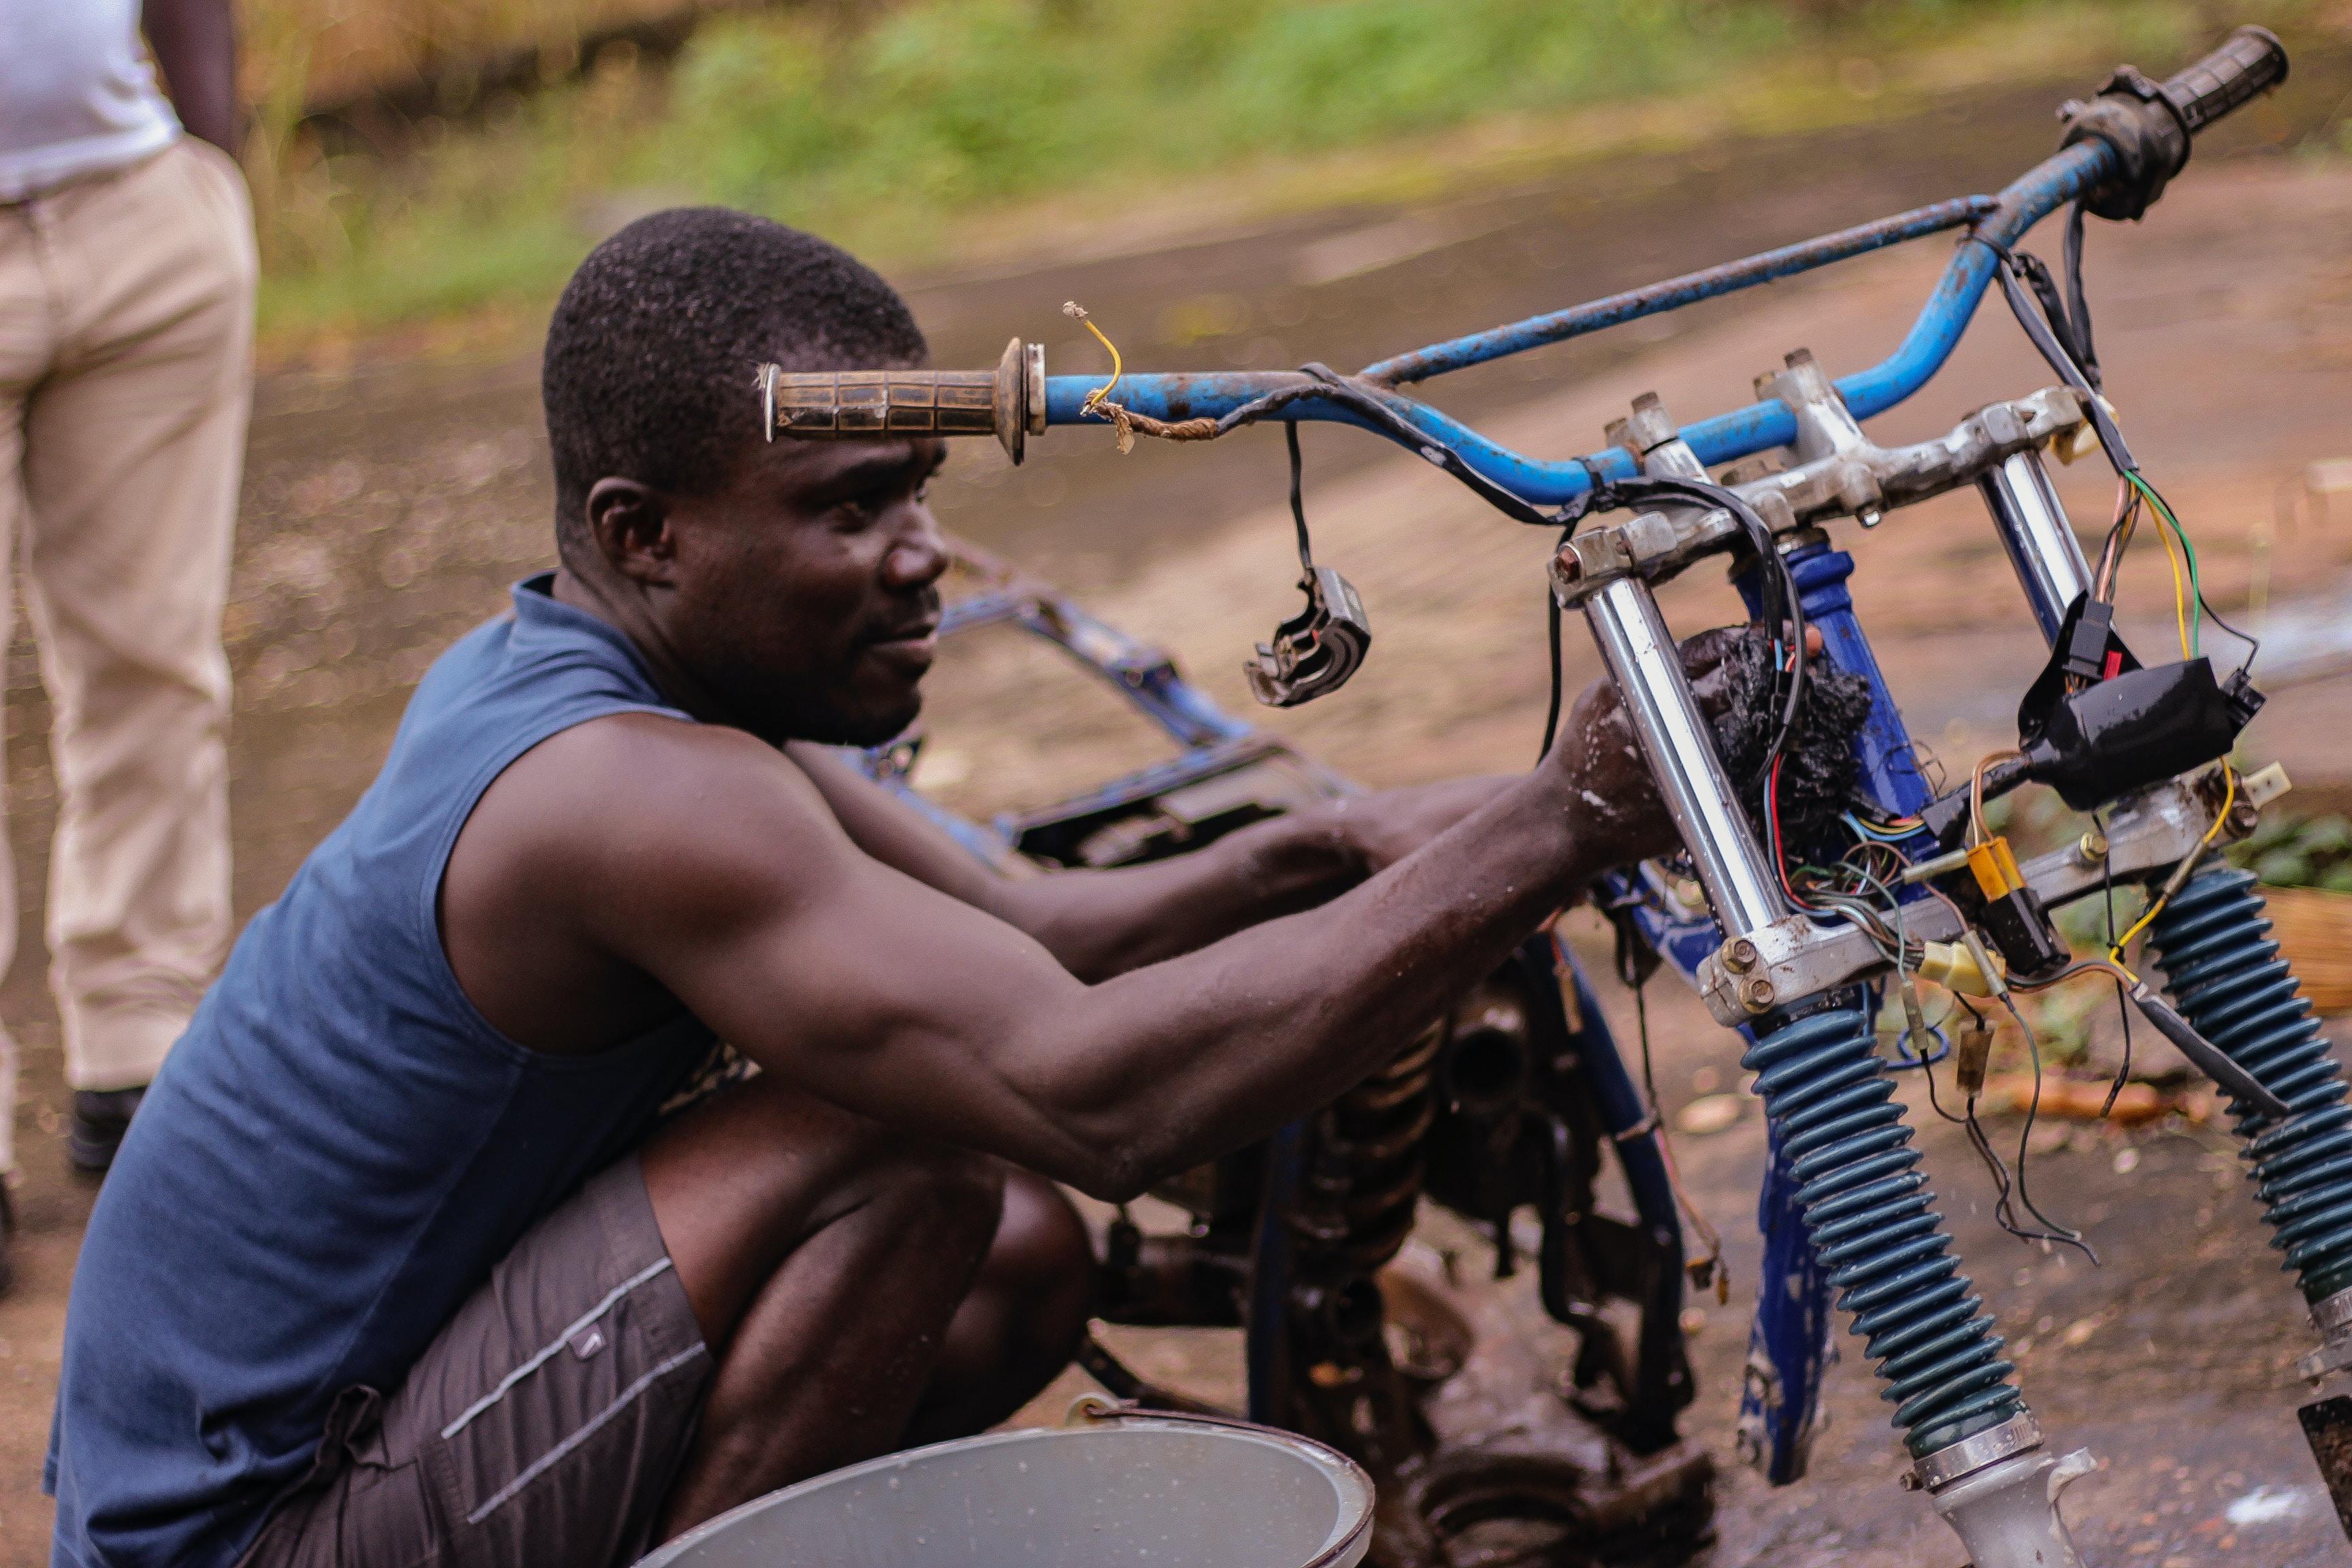 man fixing motorcycle during daytime